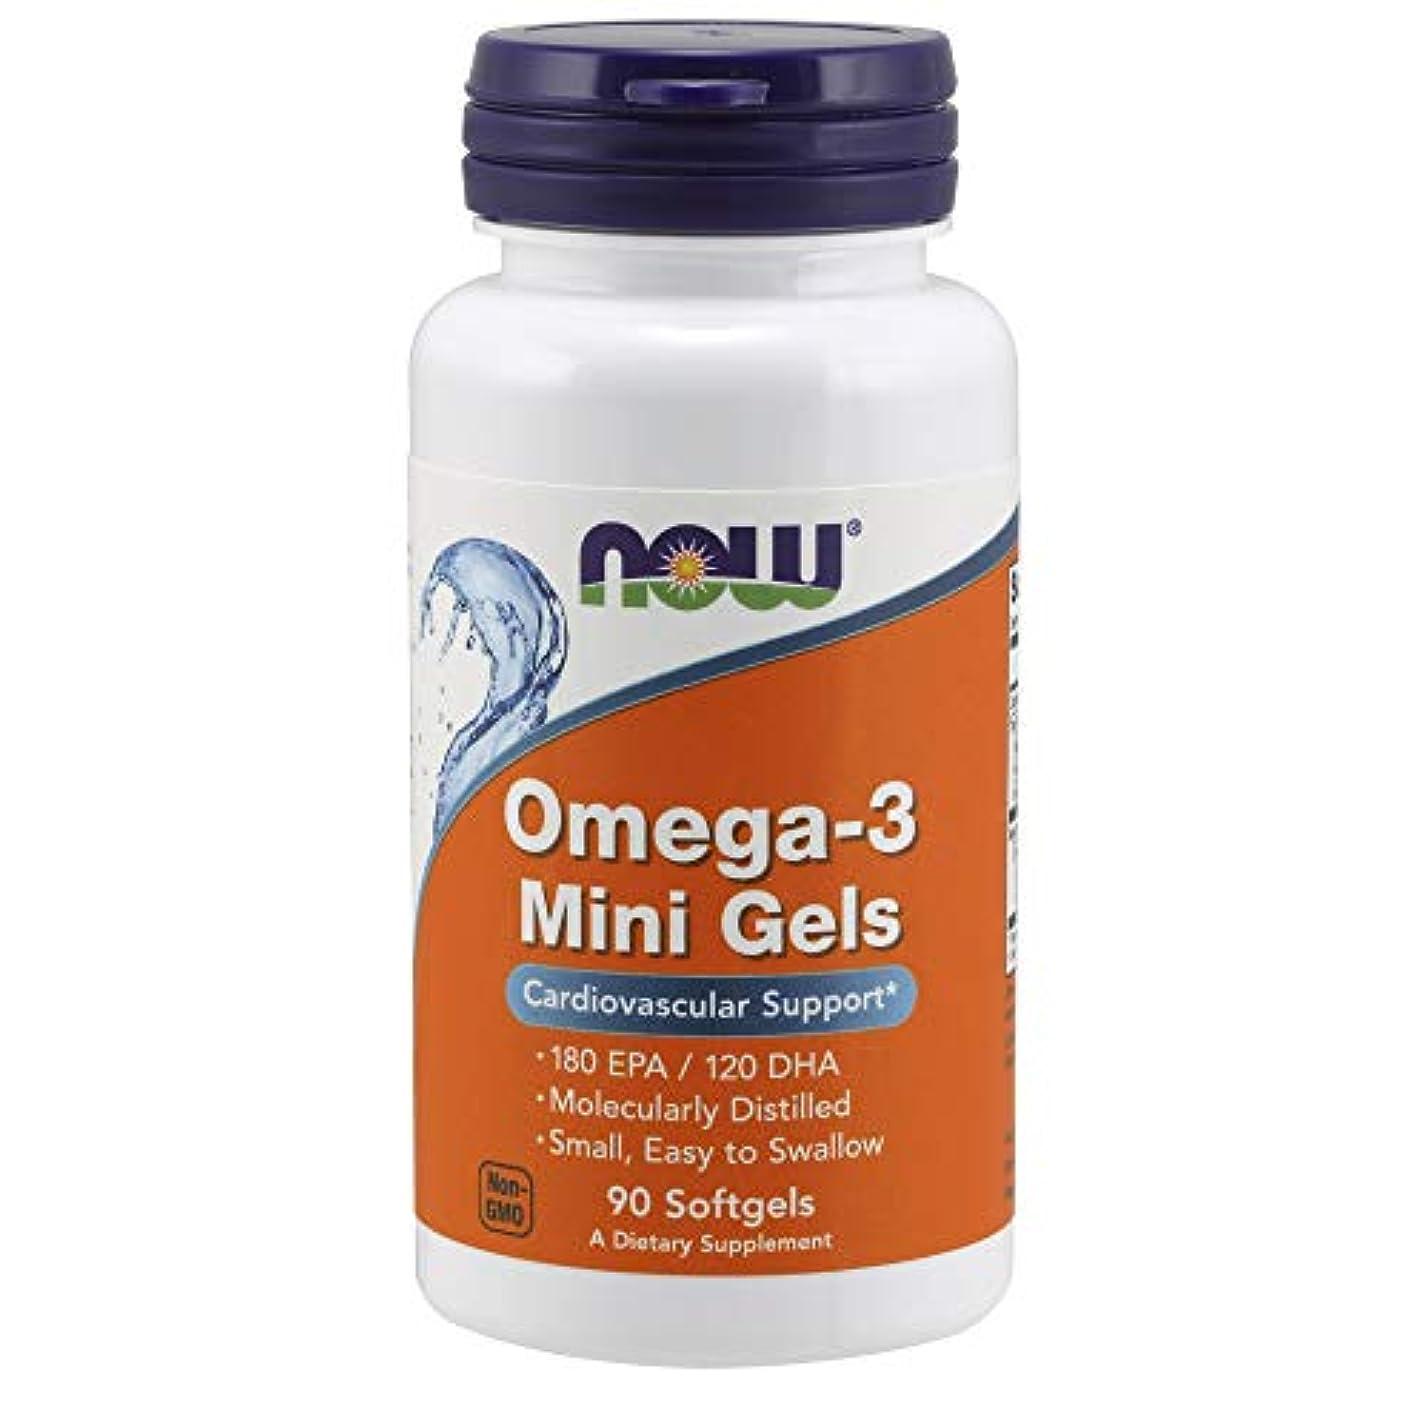 サルベージ意味考え[海外直送品] ナウフーズ   Omega-3 Mini Gels 90 softgels 500 mg